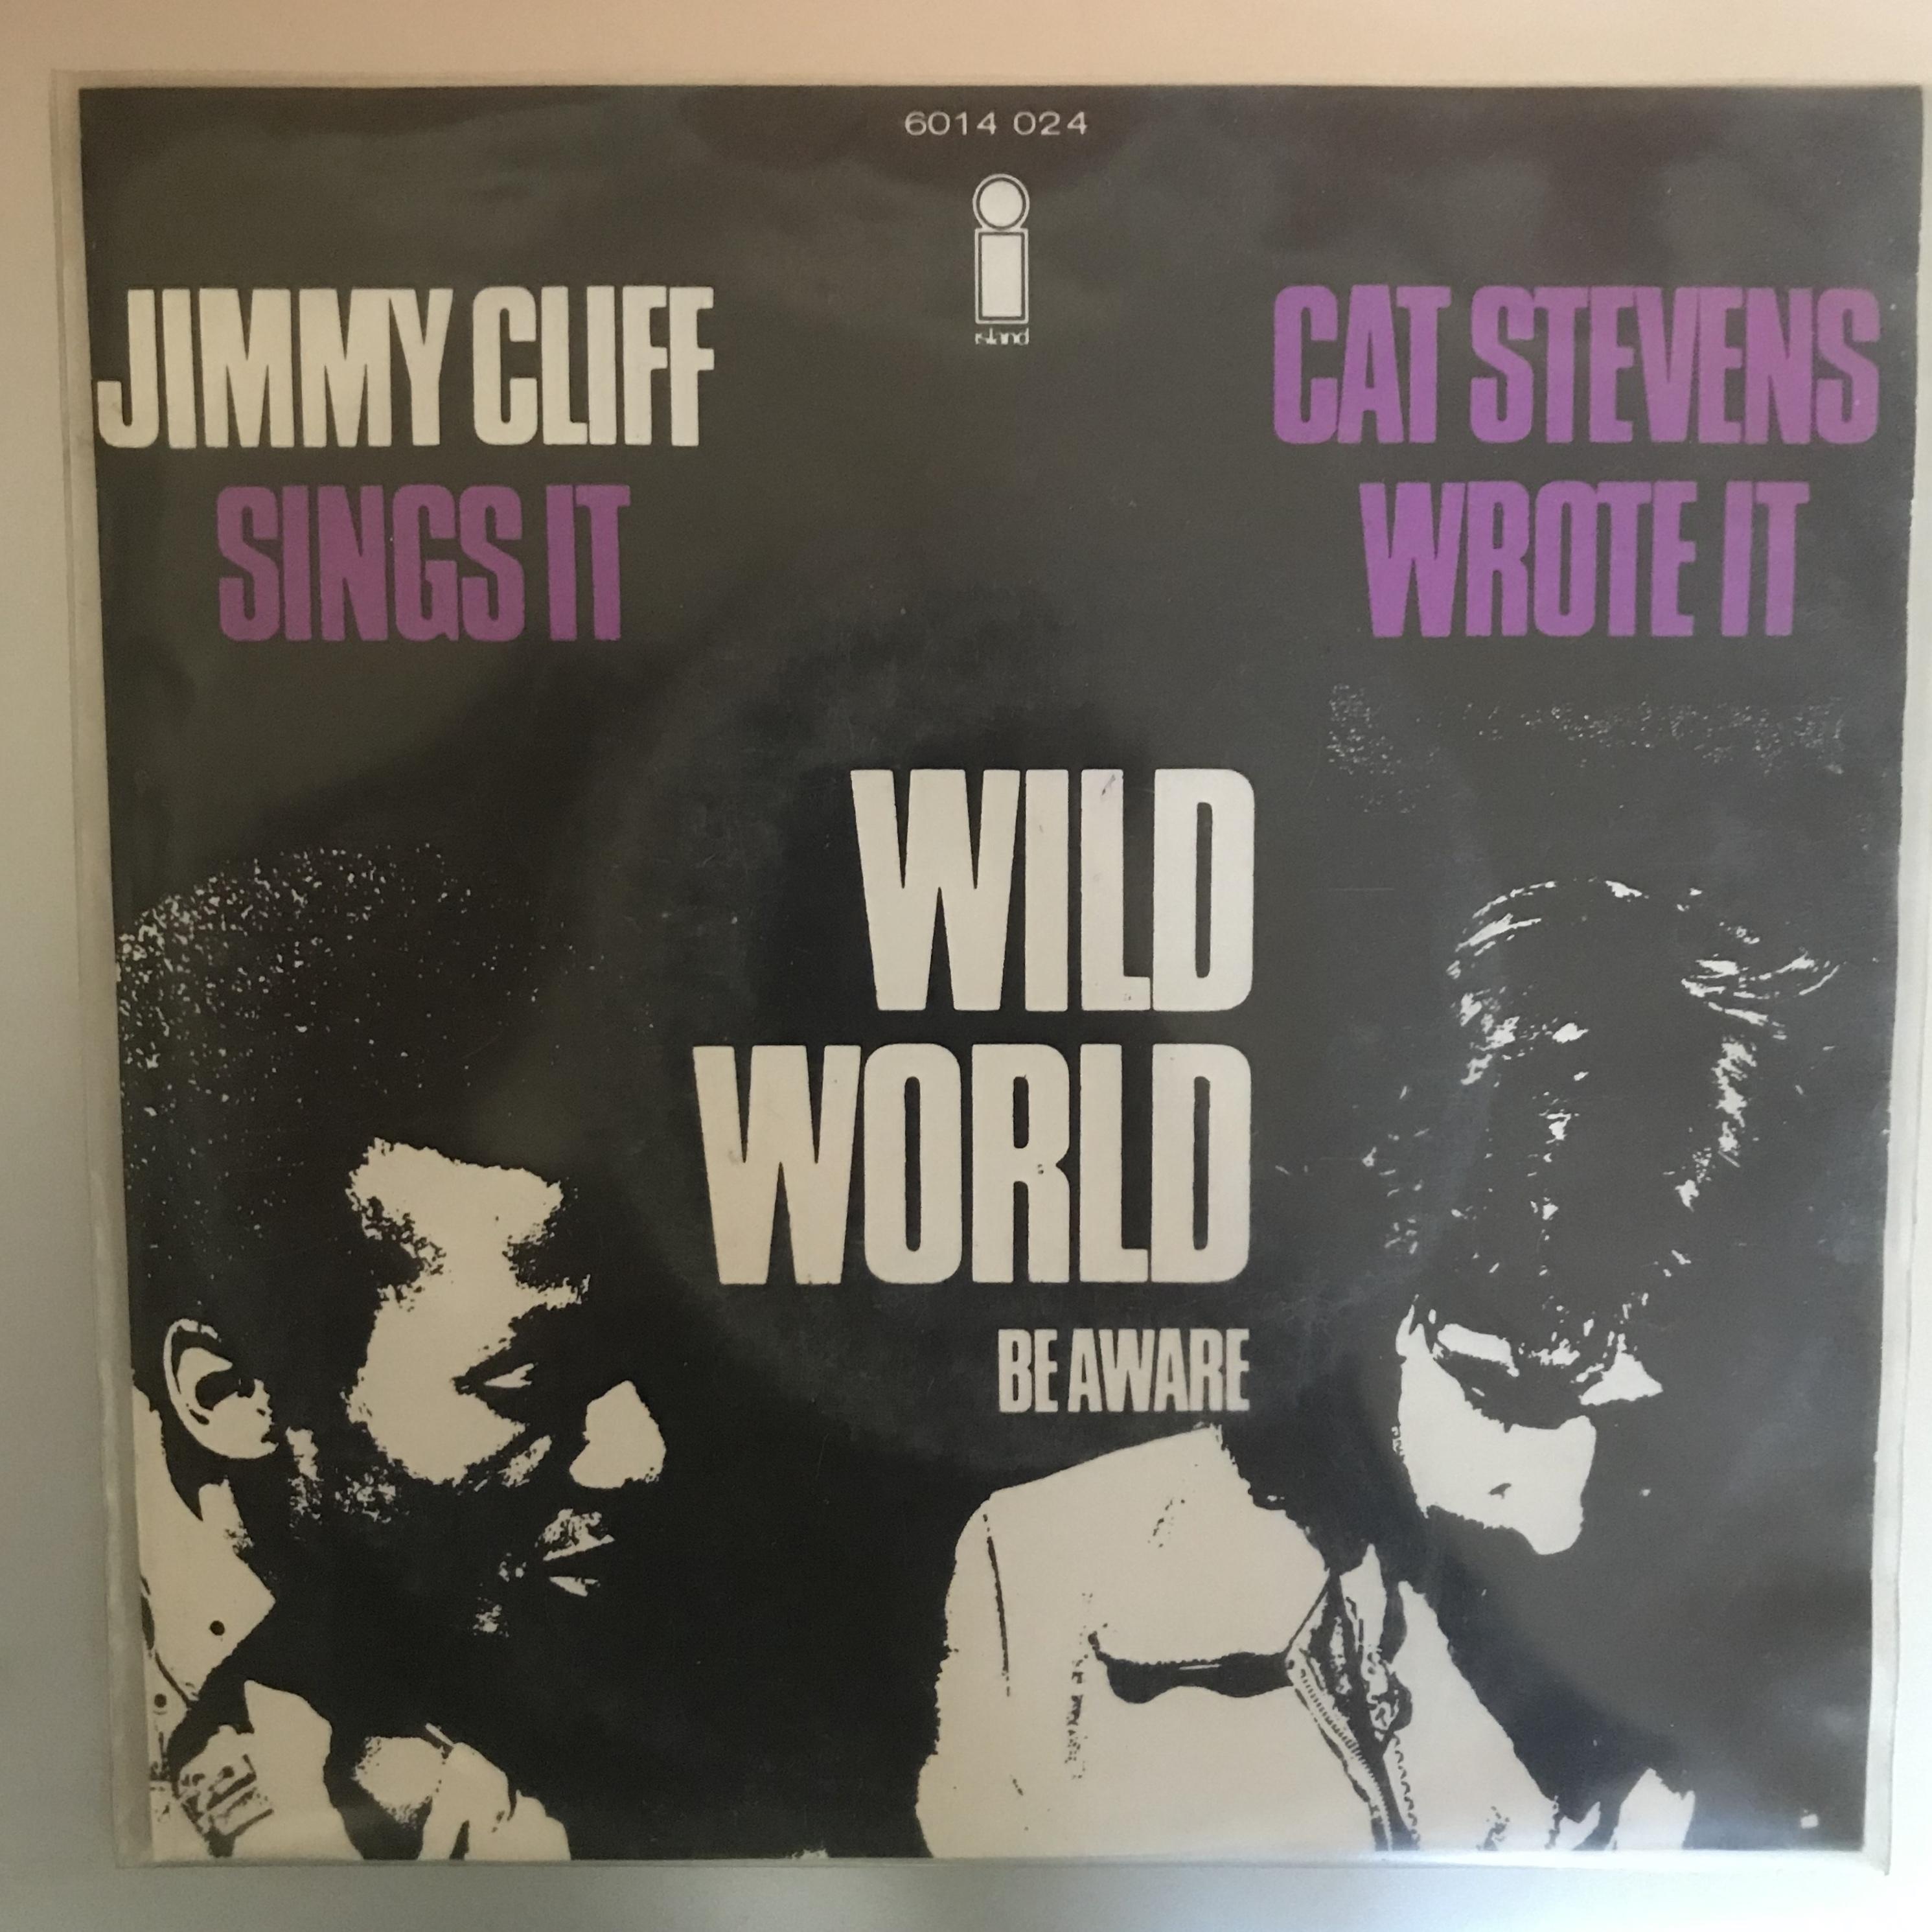 Jimmy Cliff - Wild World 【7-20549】